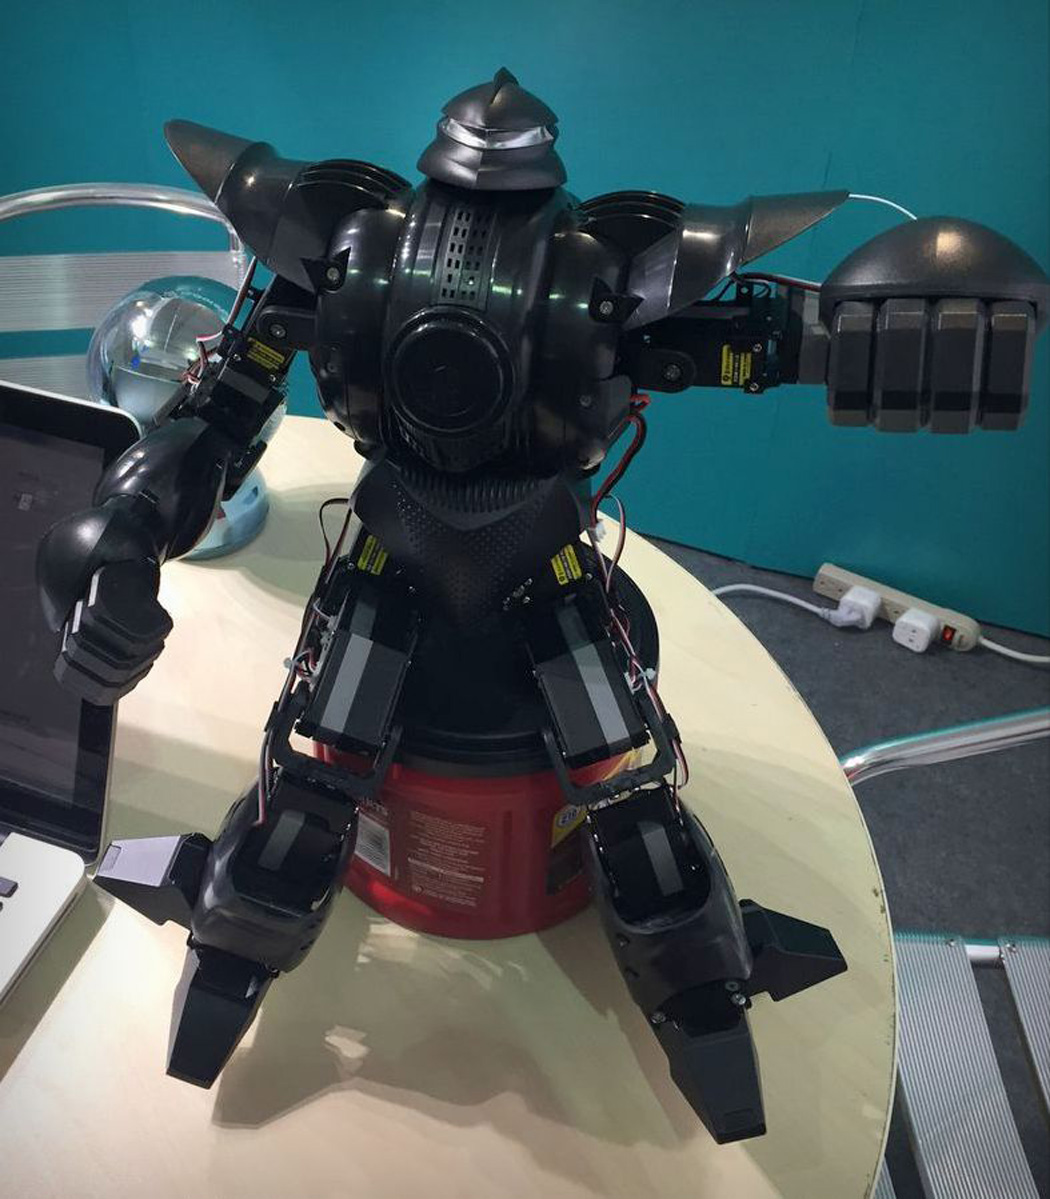 pilot_labs_zeus_battle_robot_04